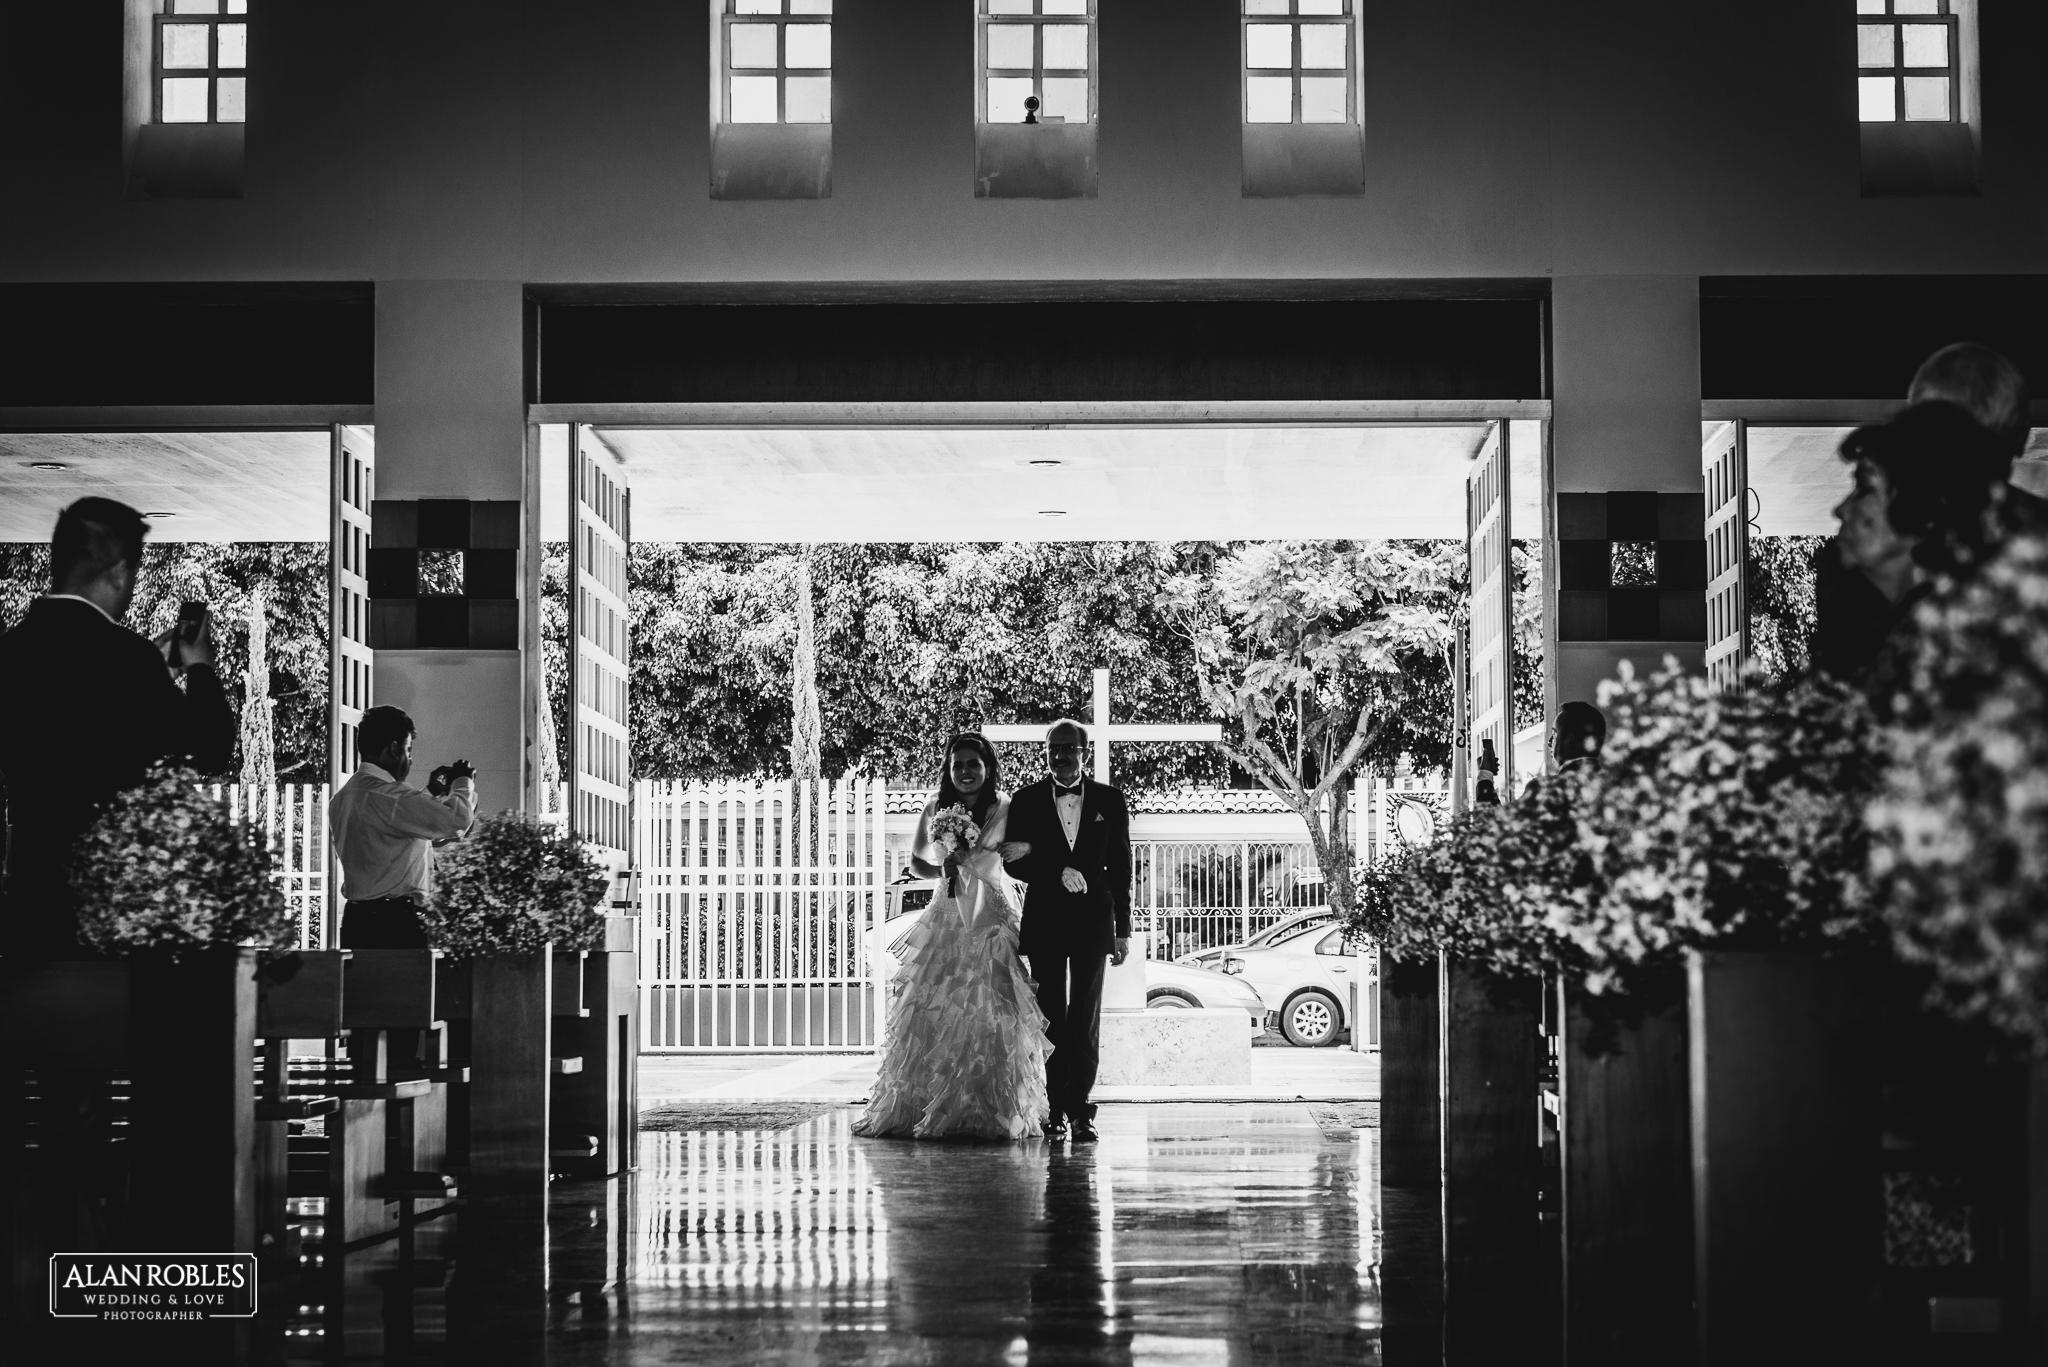 Novia llegando al altar con su padre el dia de su boda. Wedding Day, Wedding moments. Los mejores momentos de boda. Alan Robles Fotografo de bodas en Guadalajara.